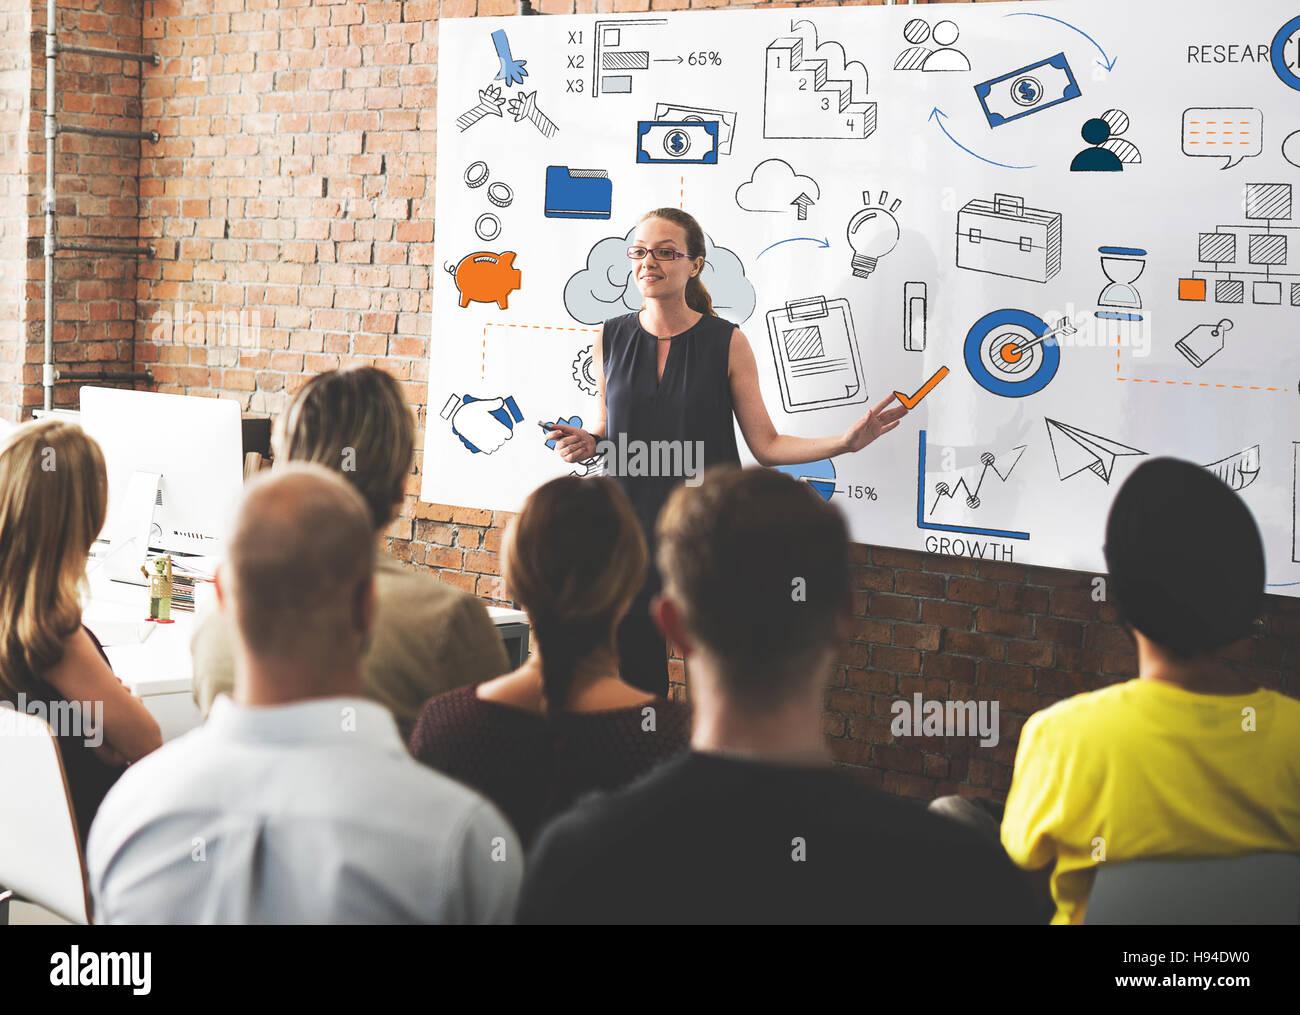 La croissance de l'entreprise Concept de gestion des finances Photo Stock